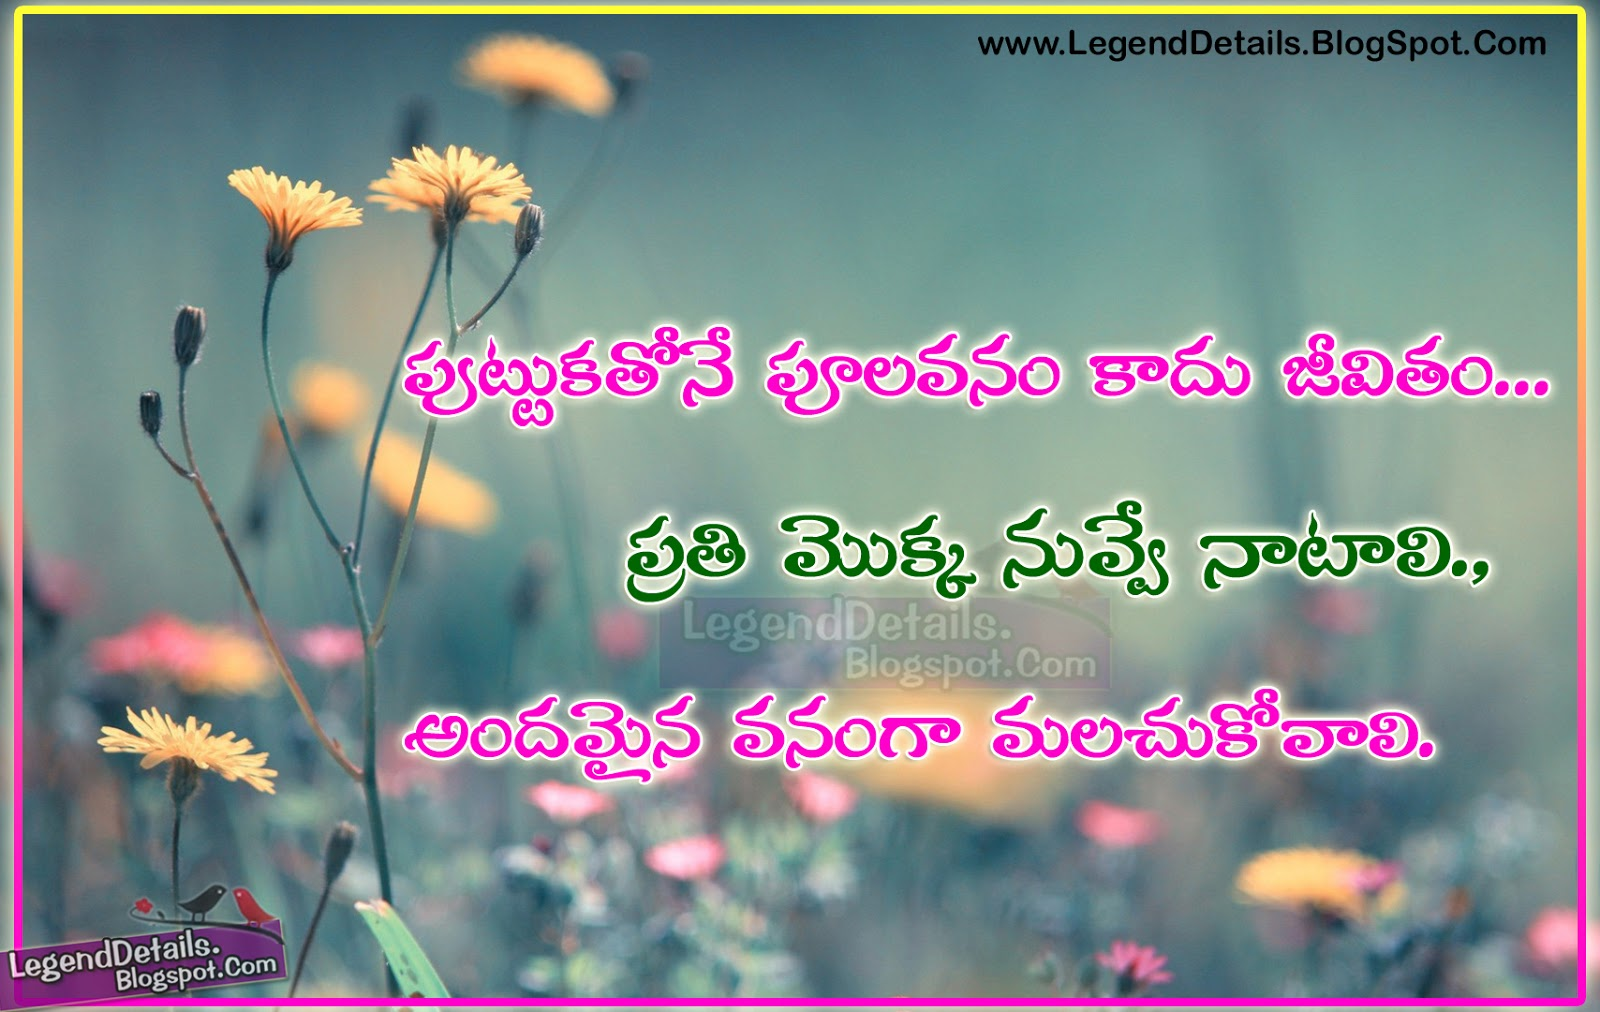 True Life Quotes Quotations Messages In Telugu Language Legendary